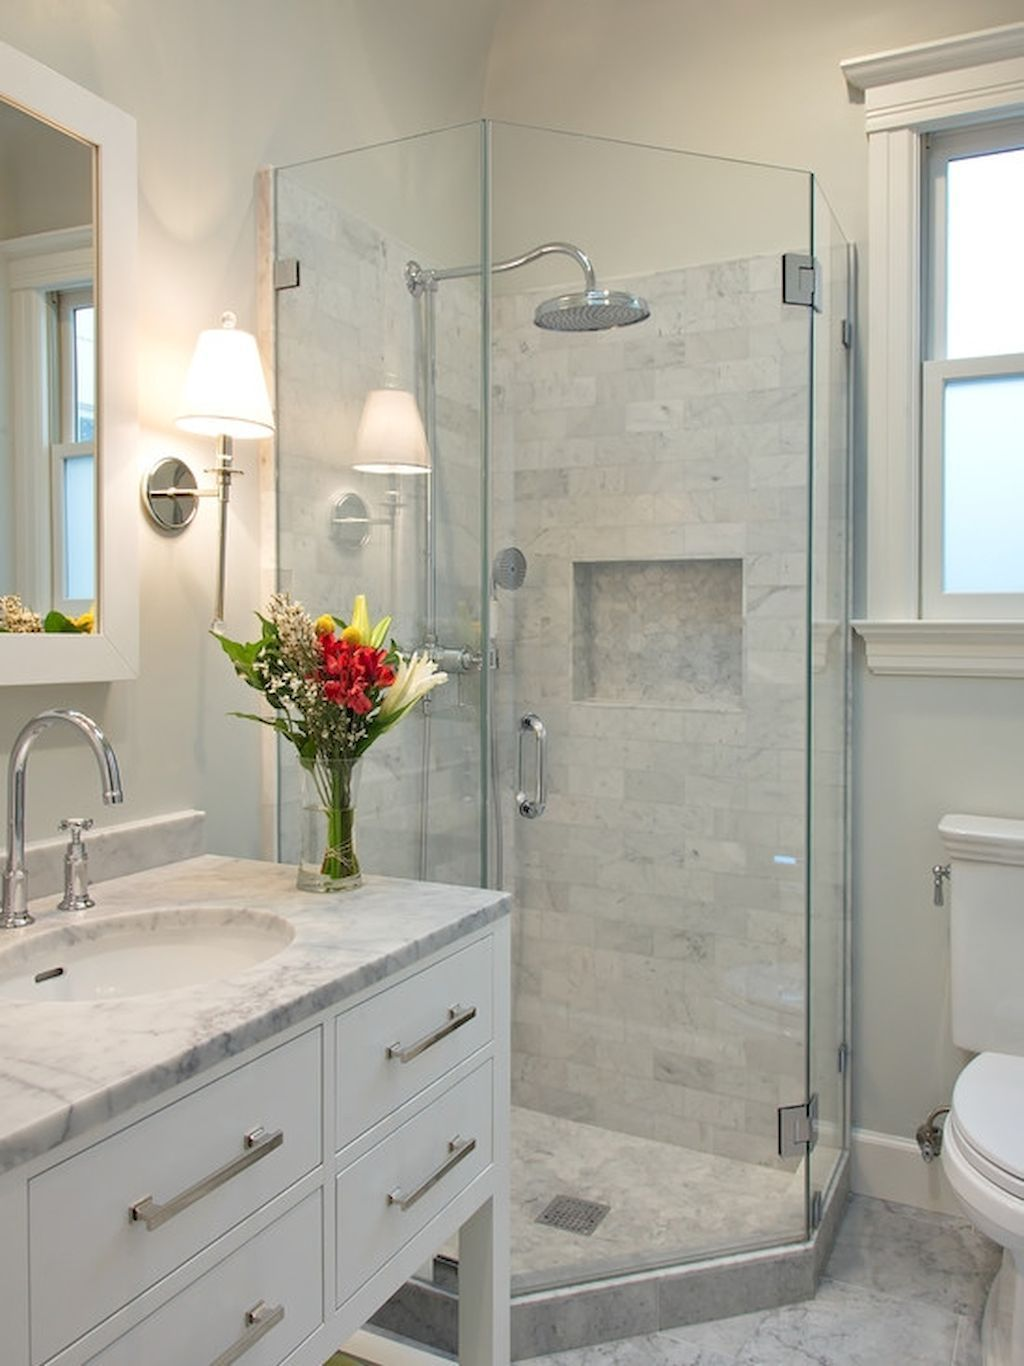 40 Fresh Small Master Bathroom Remodel Ideas On A Budget Bathroom Design Small Modern Shower Design Bathroom Remodel Master